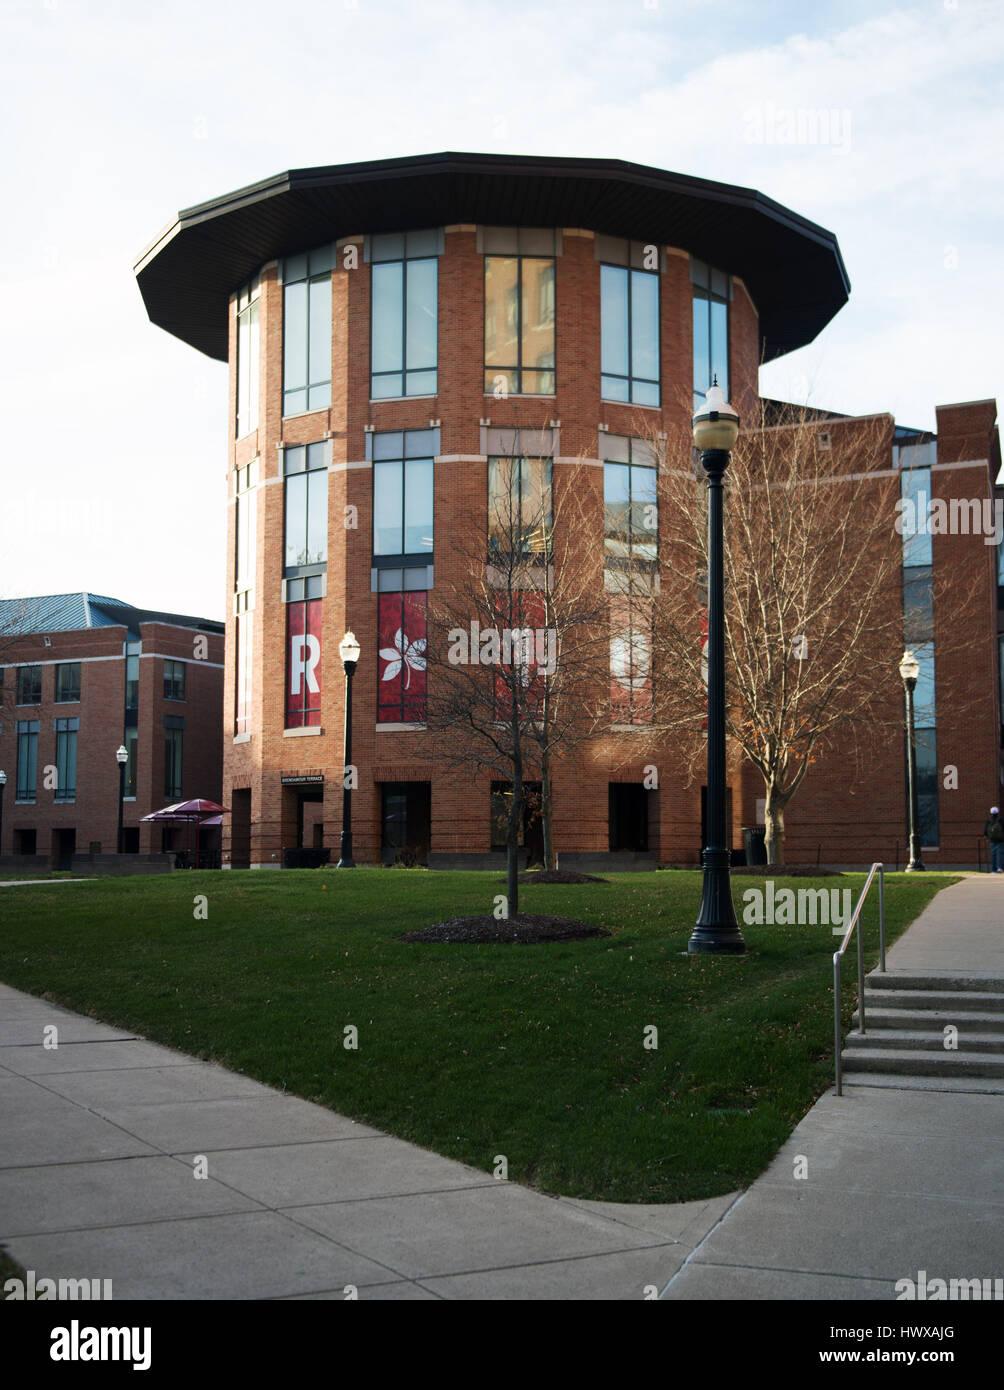 Marzo 23, 2017: Fisher College of Business presso la Ohio State University. Columbus, Ohio. Brent Clark/Alamy Live Immagini Stock